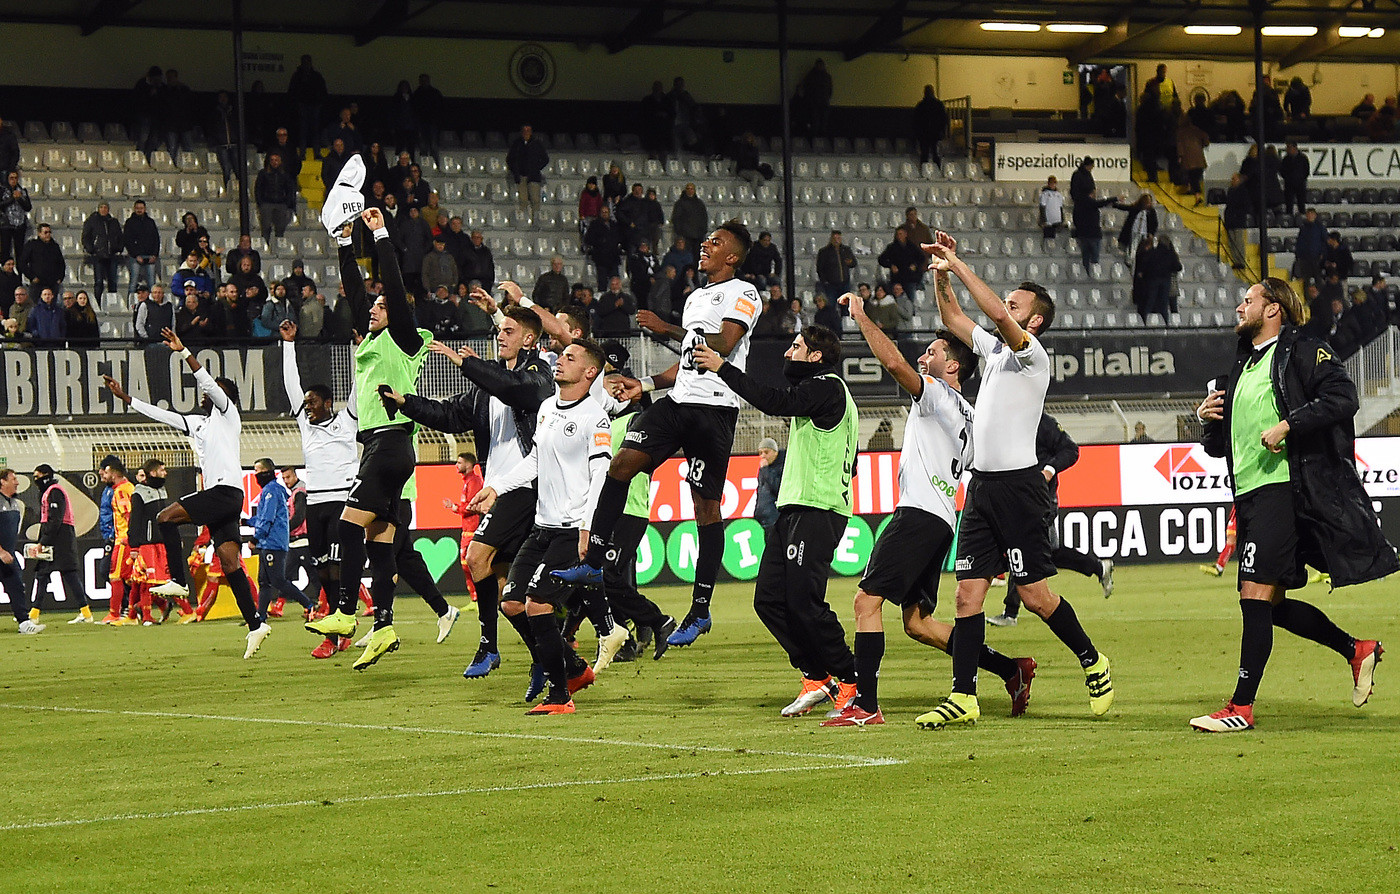 Serie B, Spezia batte Benevento 3-1 nel recupero